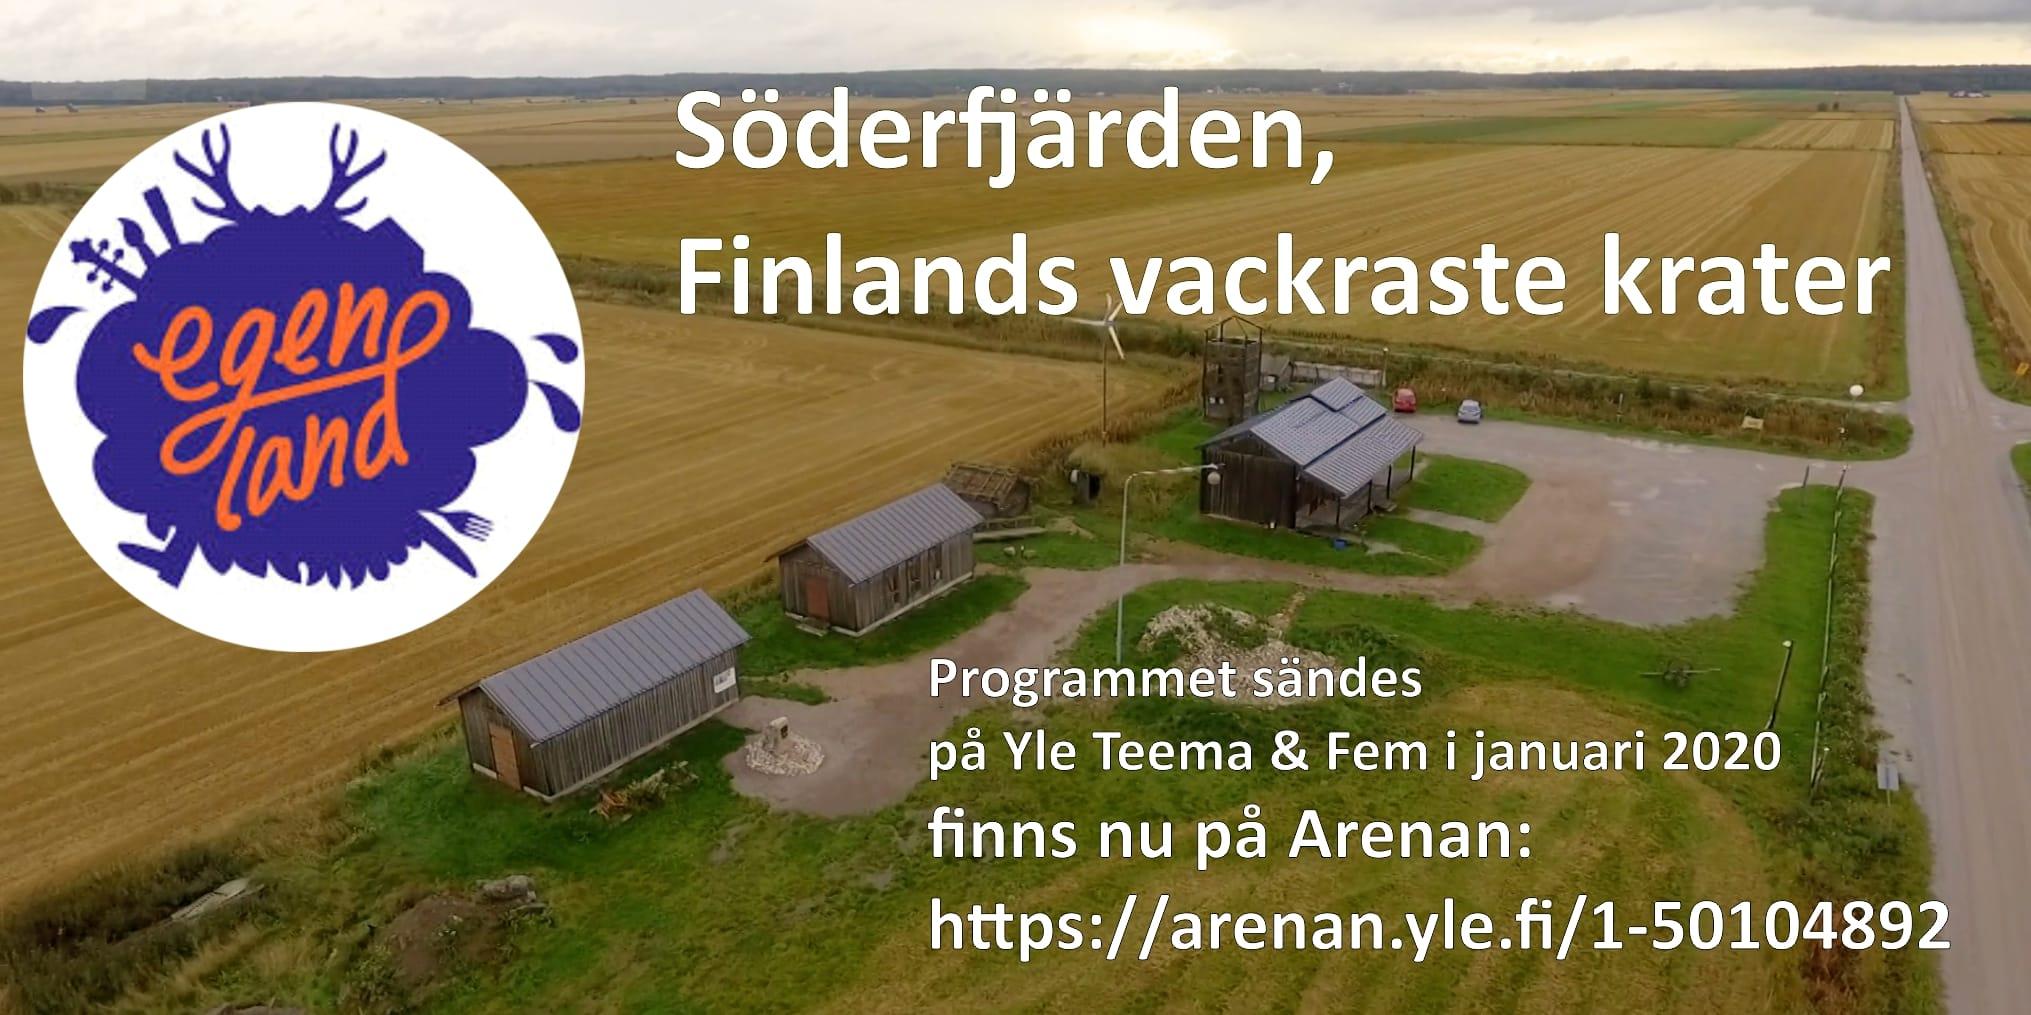 Söderfjärden Egenland TV-Tema&Fem W.jpg